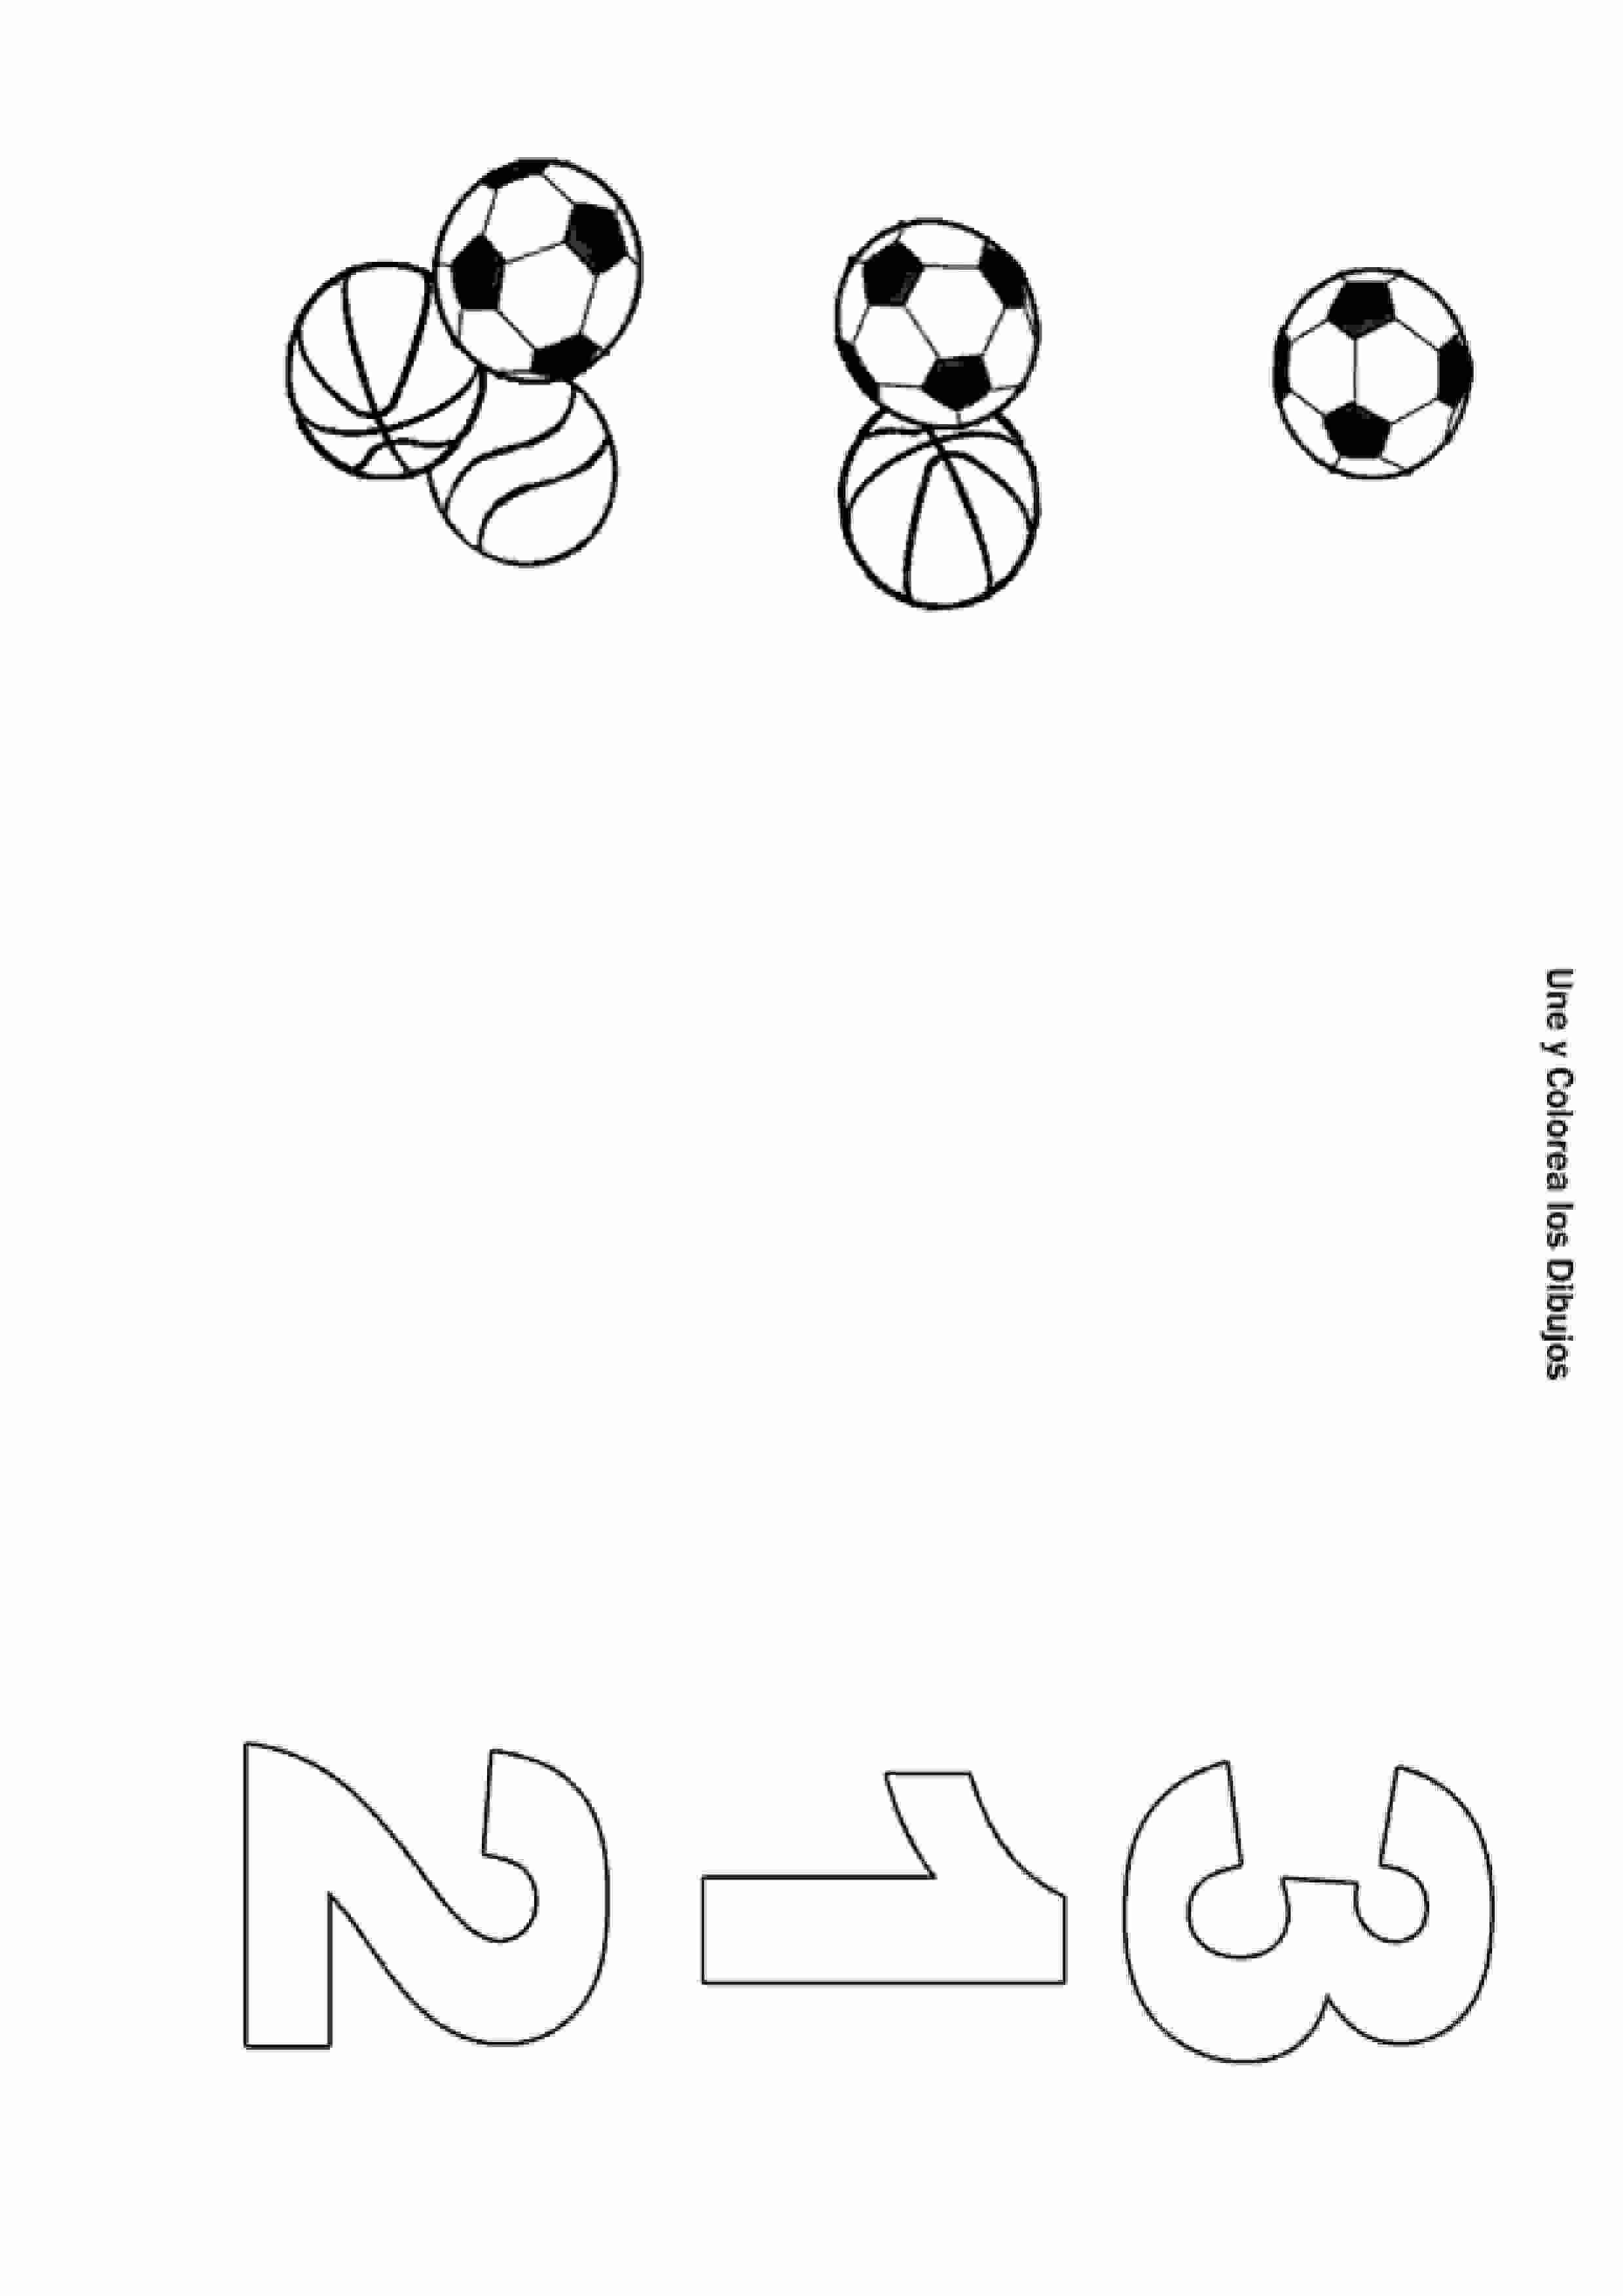 Actividades Para Ninos Preescolar Primaria E Inicial Fichas Para Ninos Para Imprimir Con